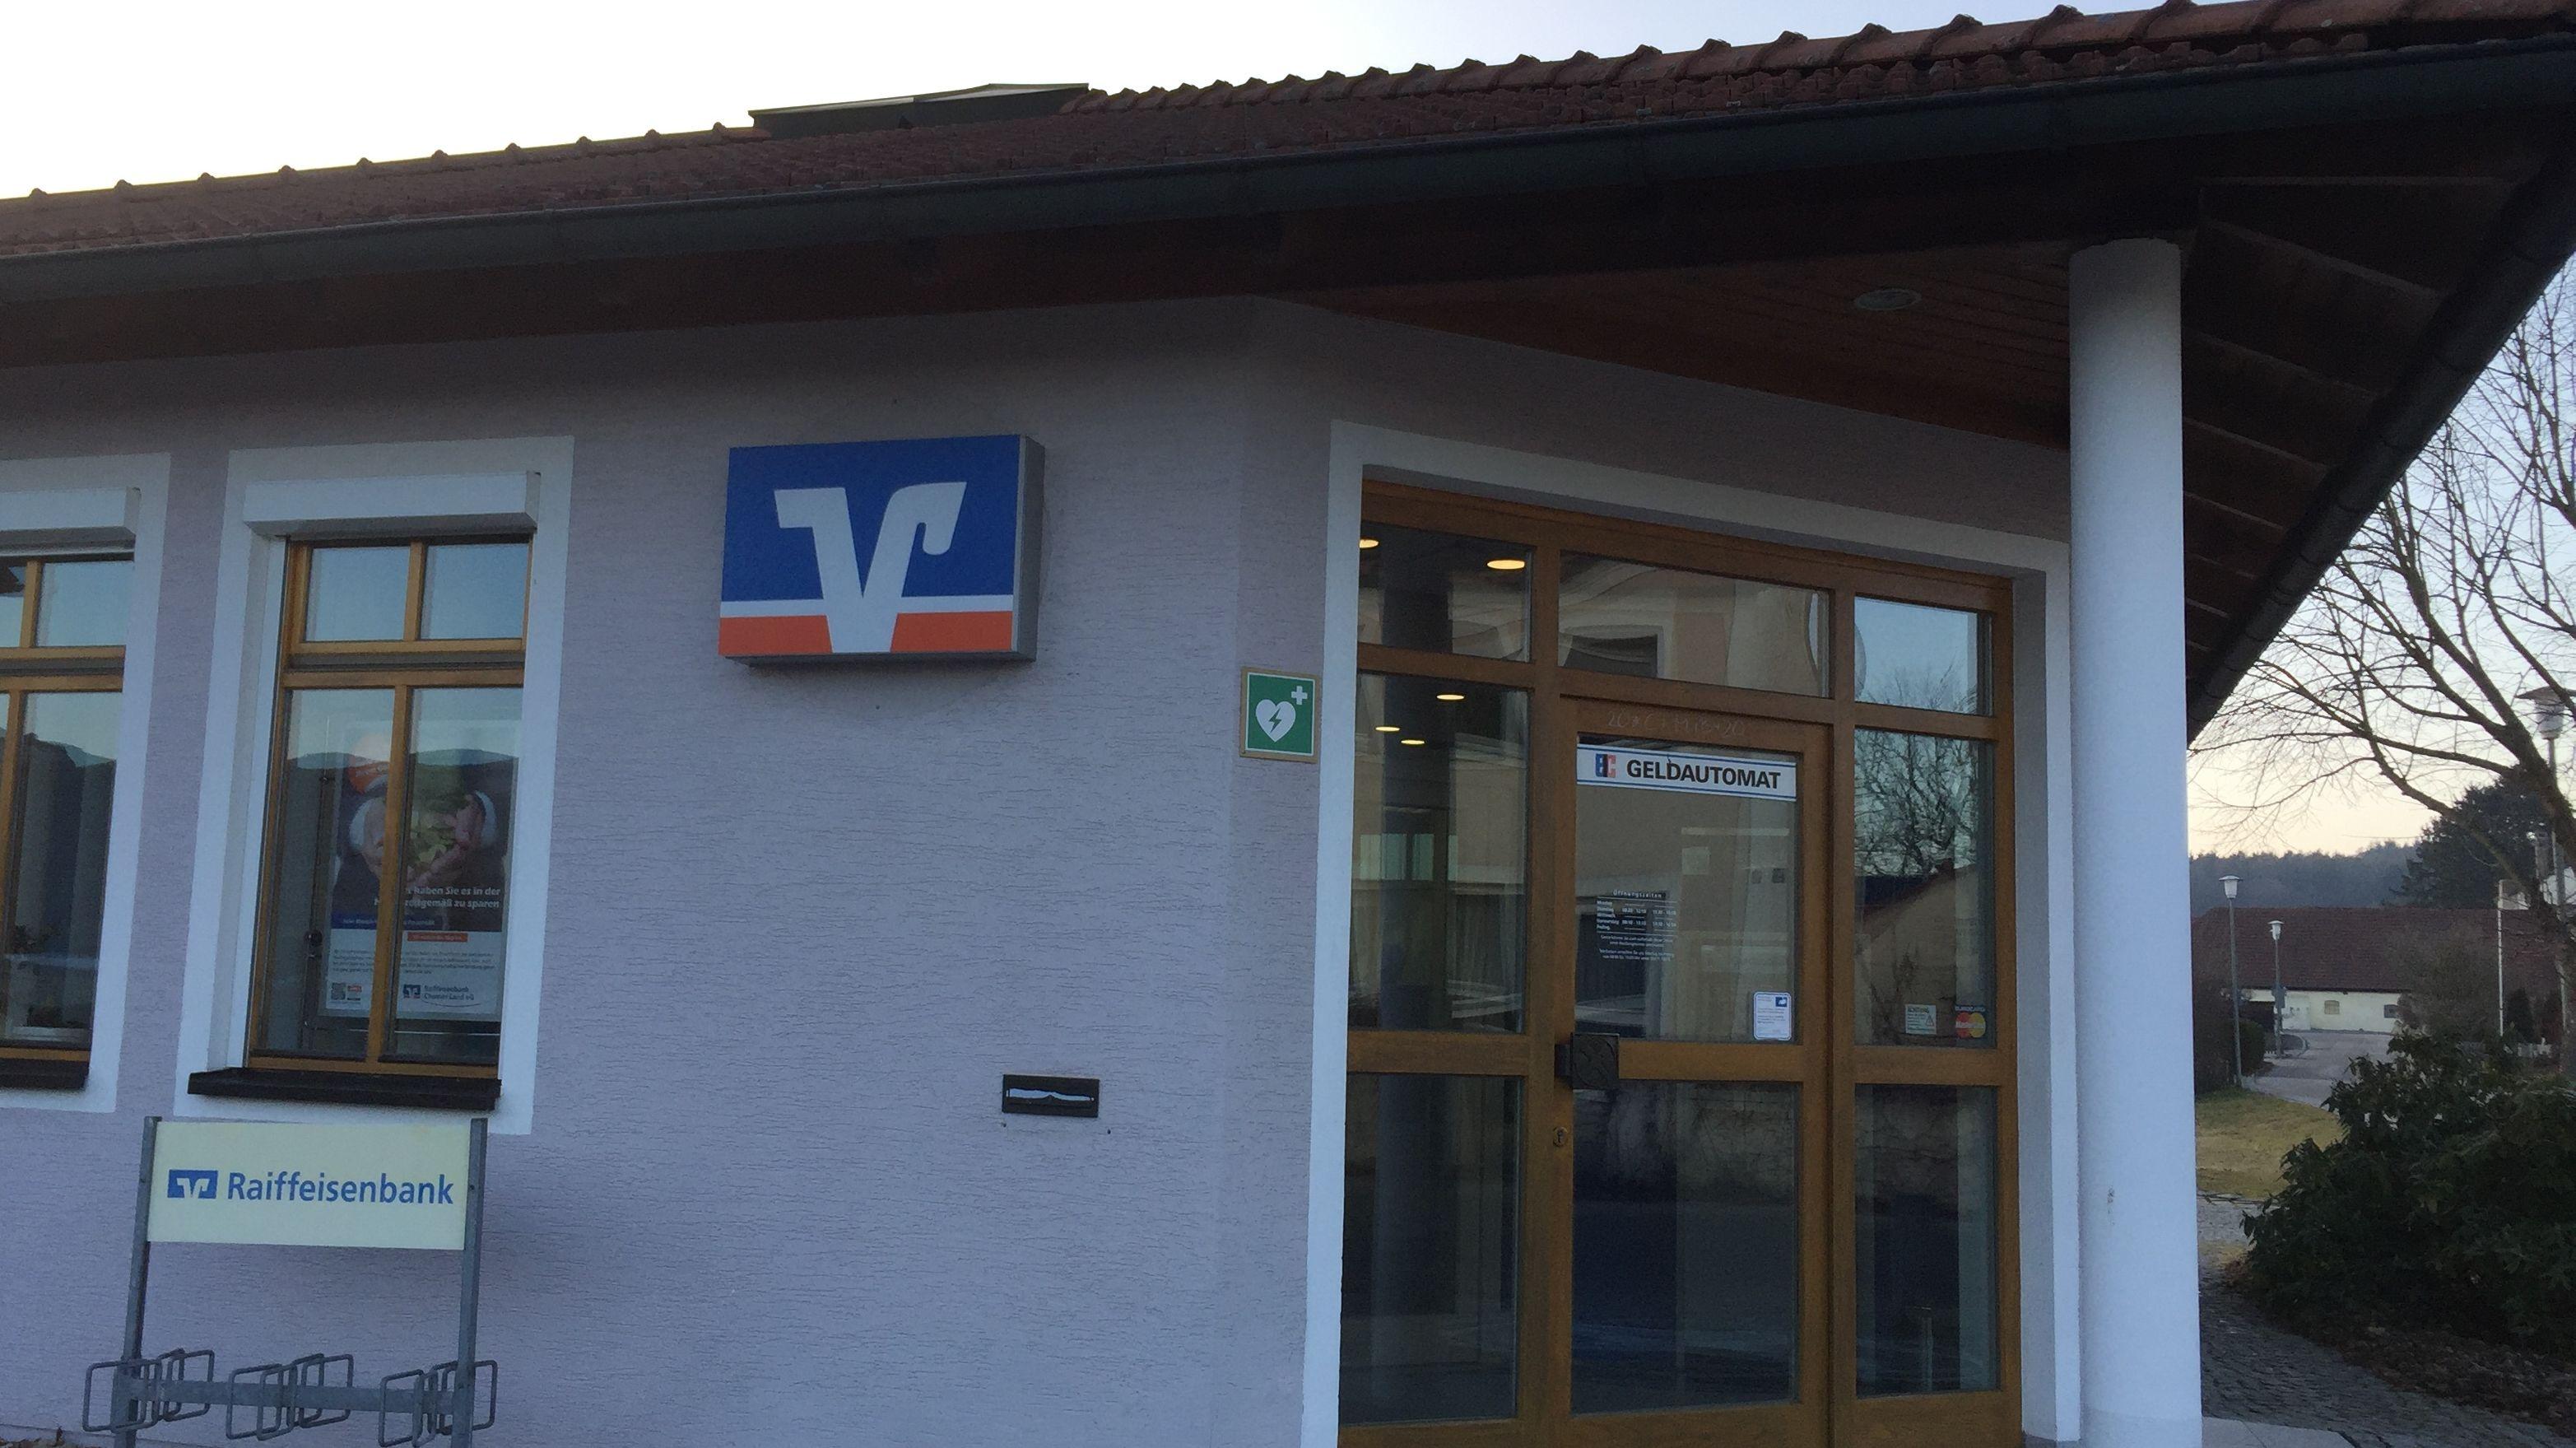 Die Filiale der Raiffeisenbank Chamer Land in Zell, die Ende März zugesperrt wird. Dann gibt es dort weder Bank noch Geldautomat